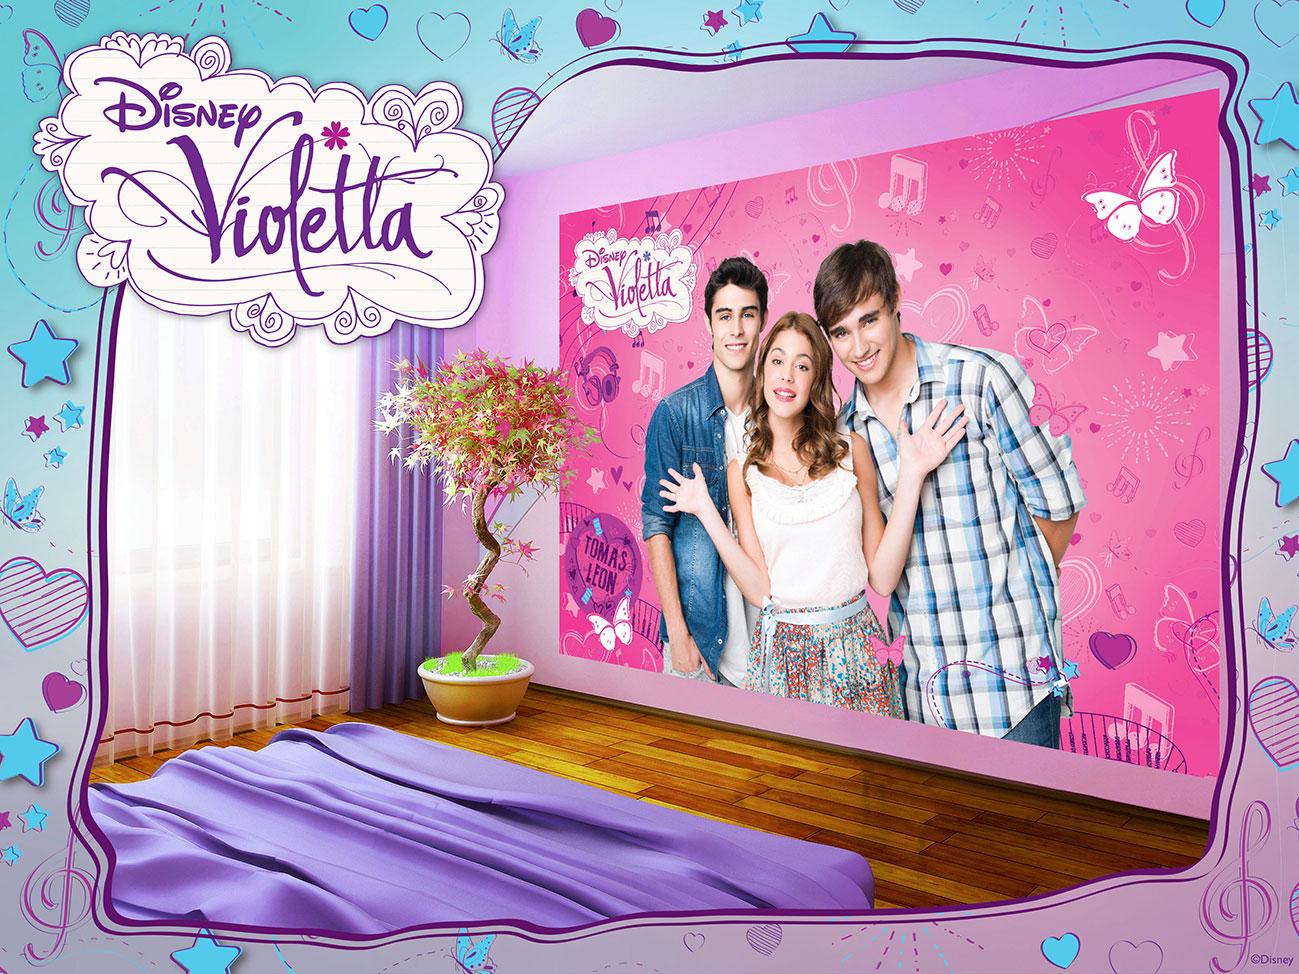 FOTOTAPETE Vlies Digitaldruk Photo-Tapete Kinderzimmer Violetta 467P4